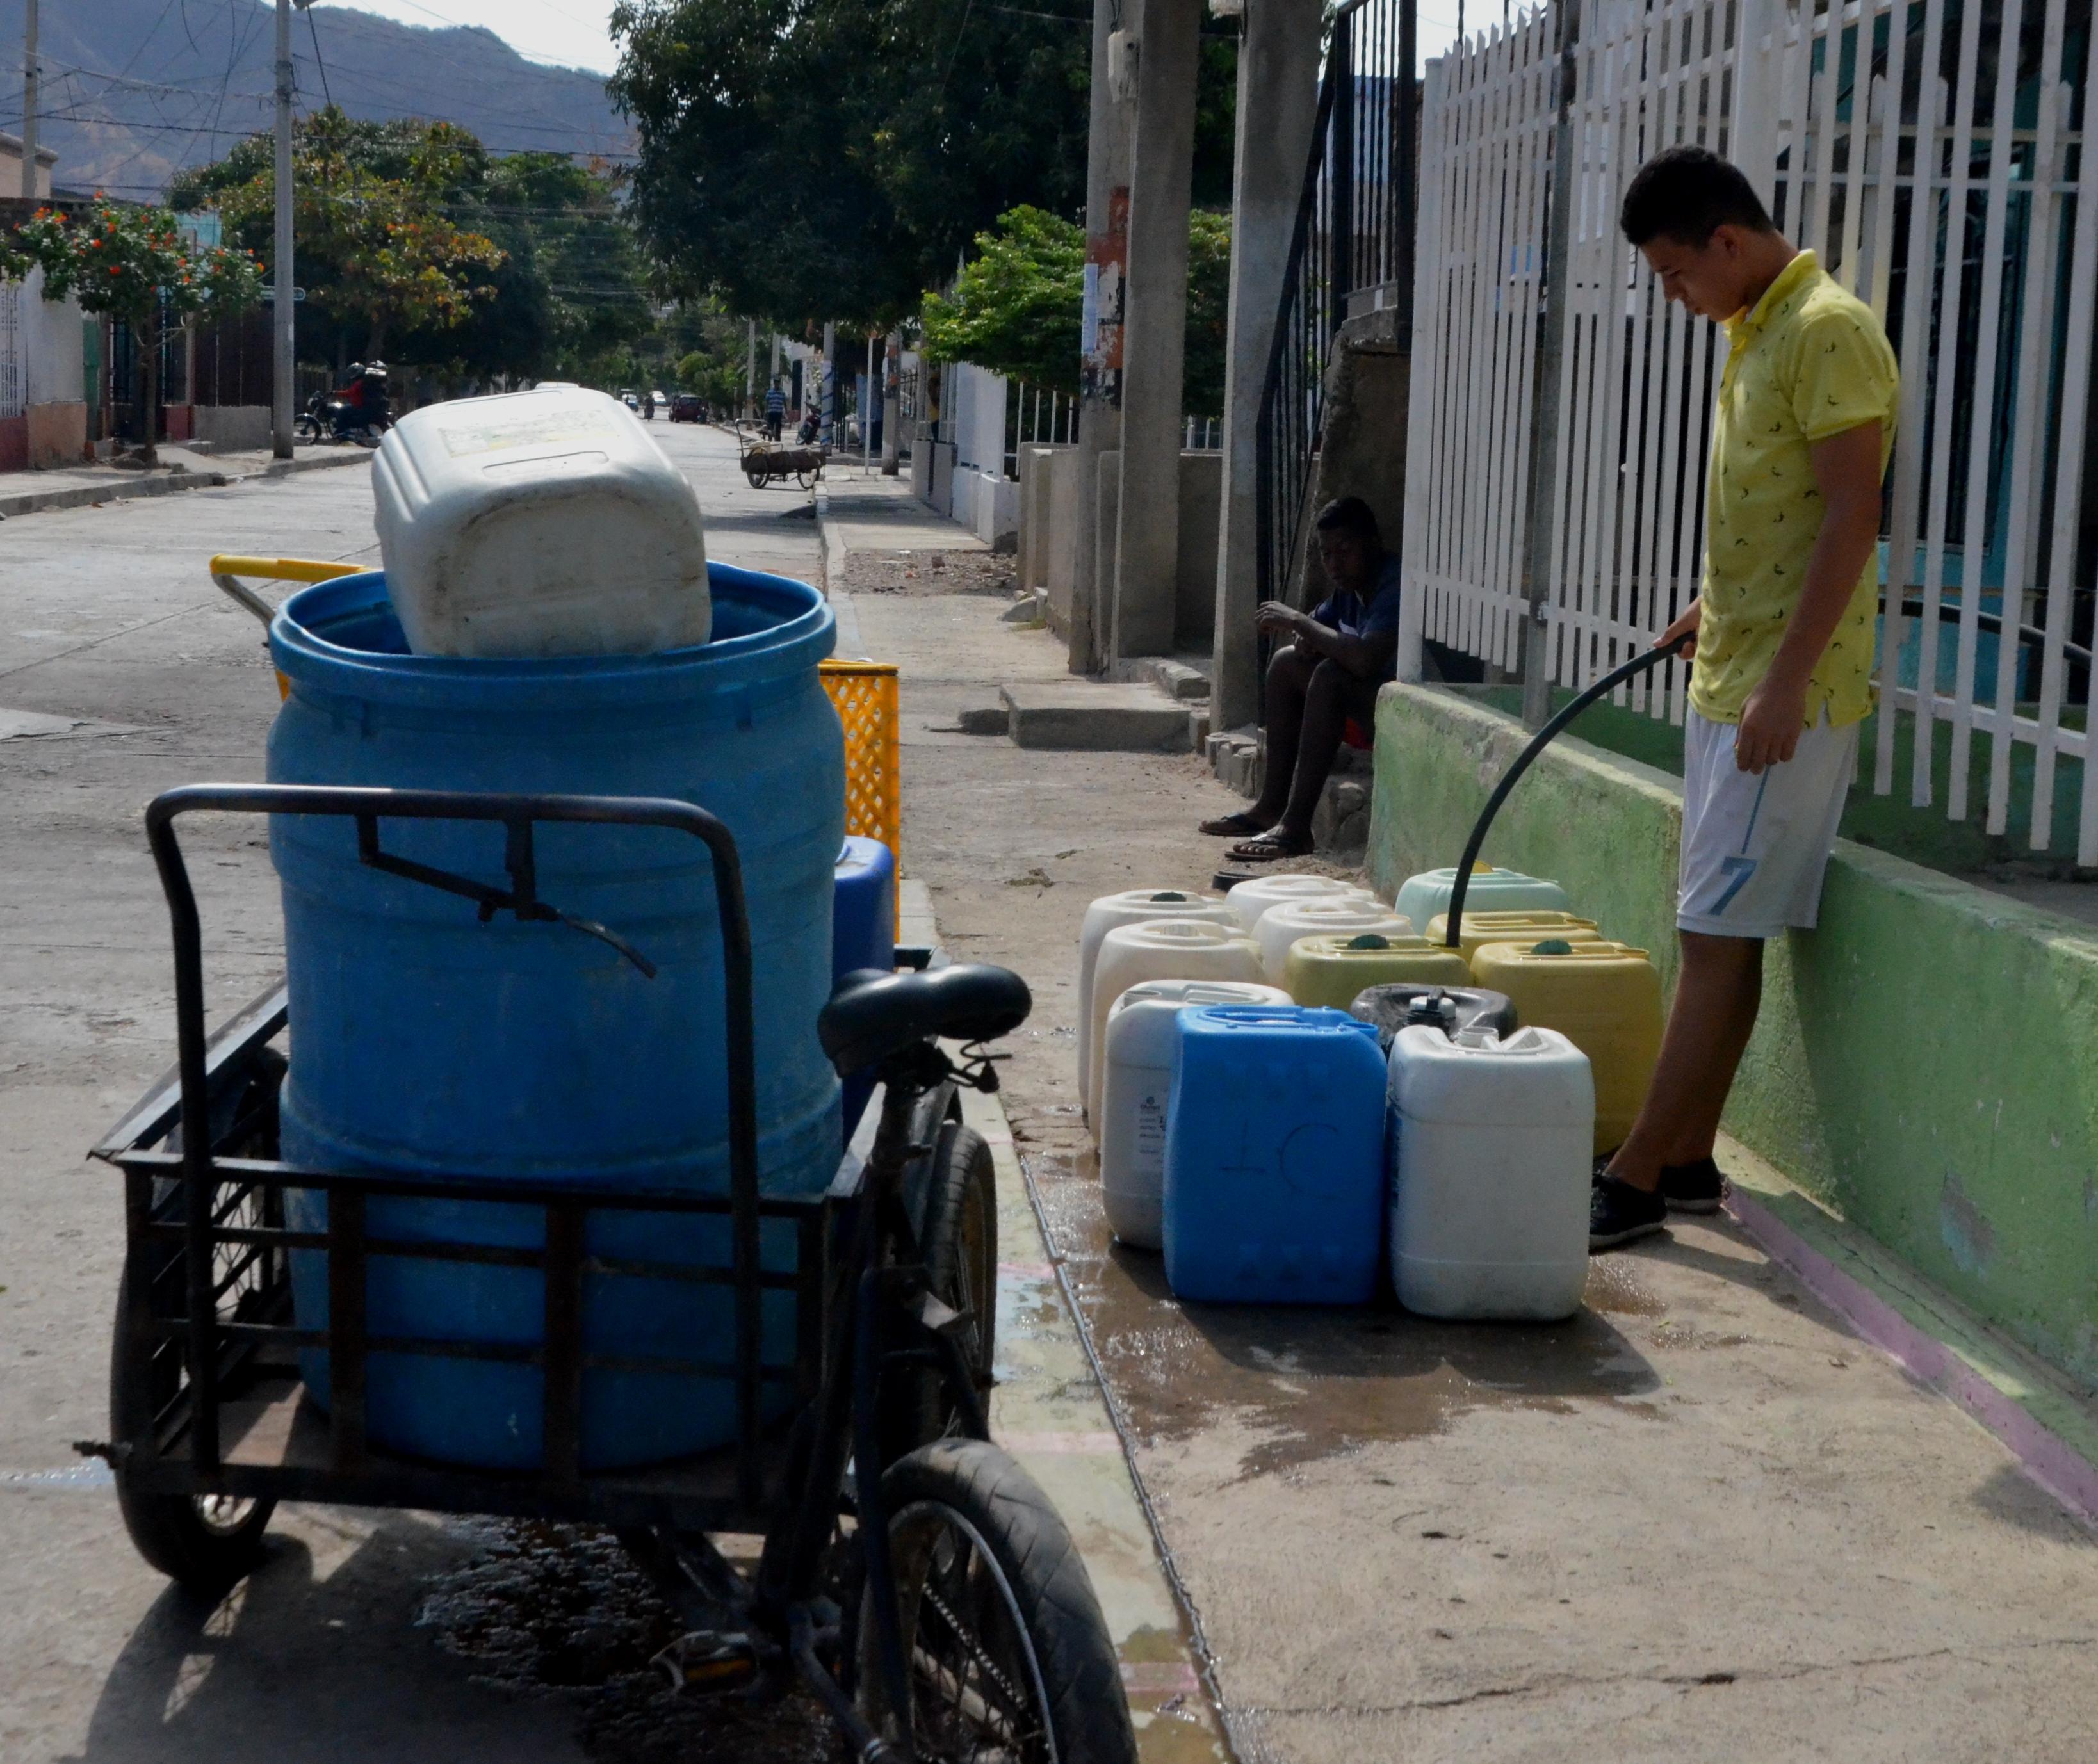 En el sector norte de Santa Marta, la falta de agua es apremiante. A cuenta gotas la gentes se abastece.